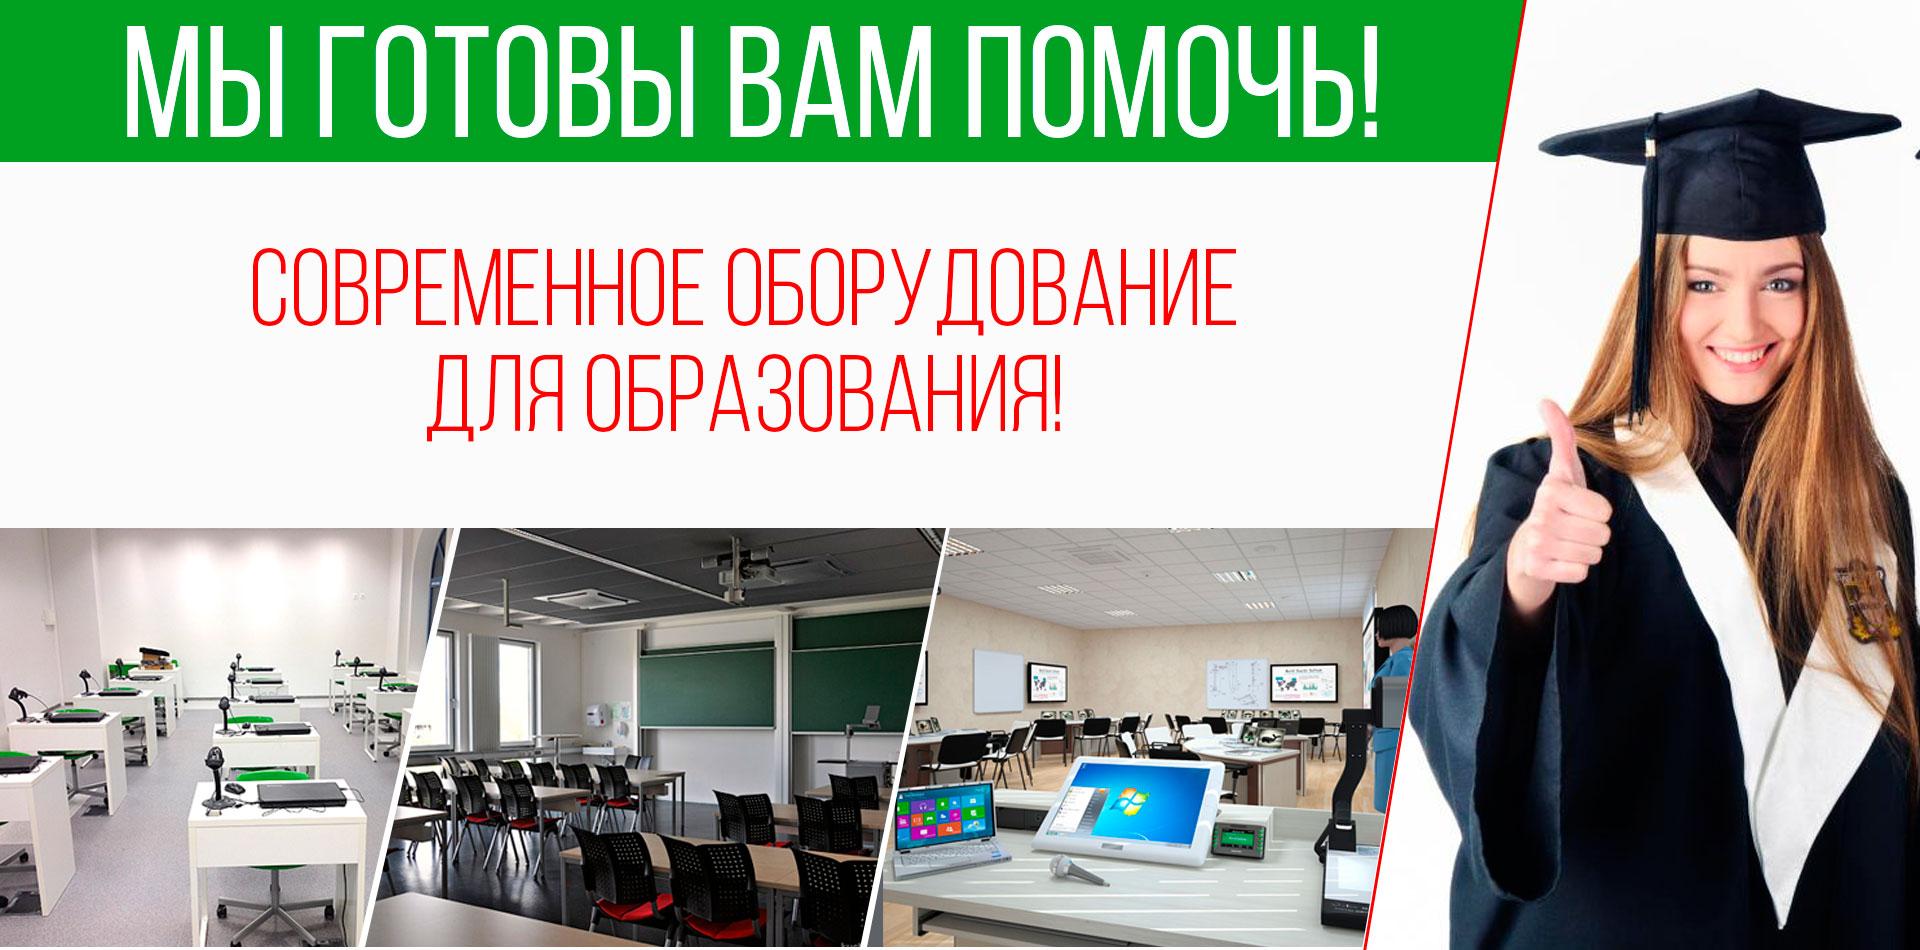 ОБОРУДОВАНИЕ ДЛЯ ОБРАЗОВАНИЯ В АСТАНЕ.